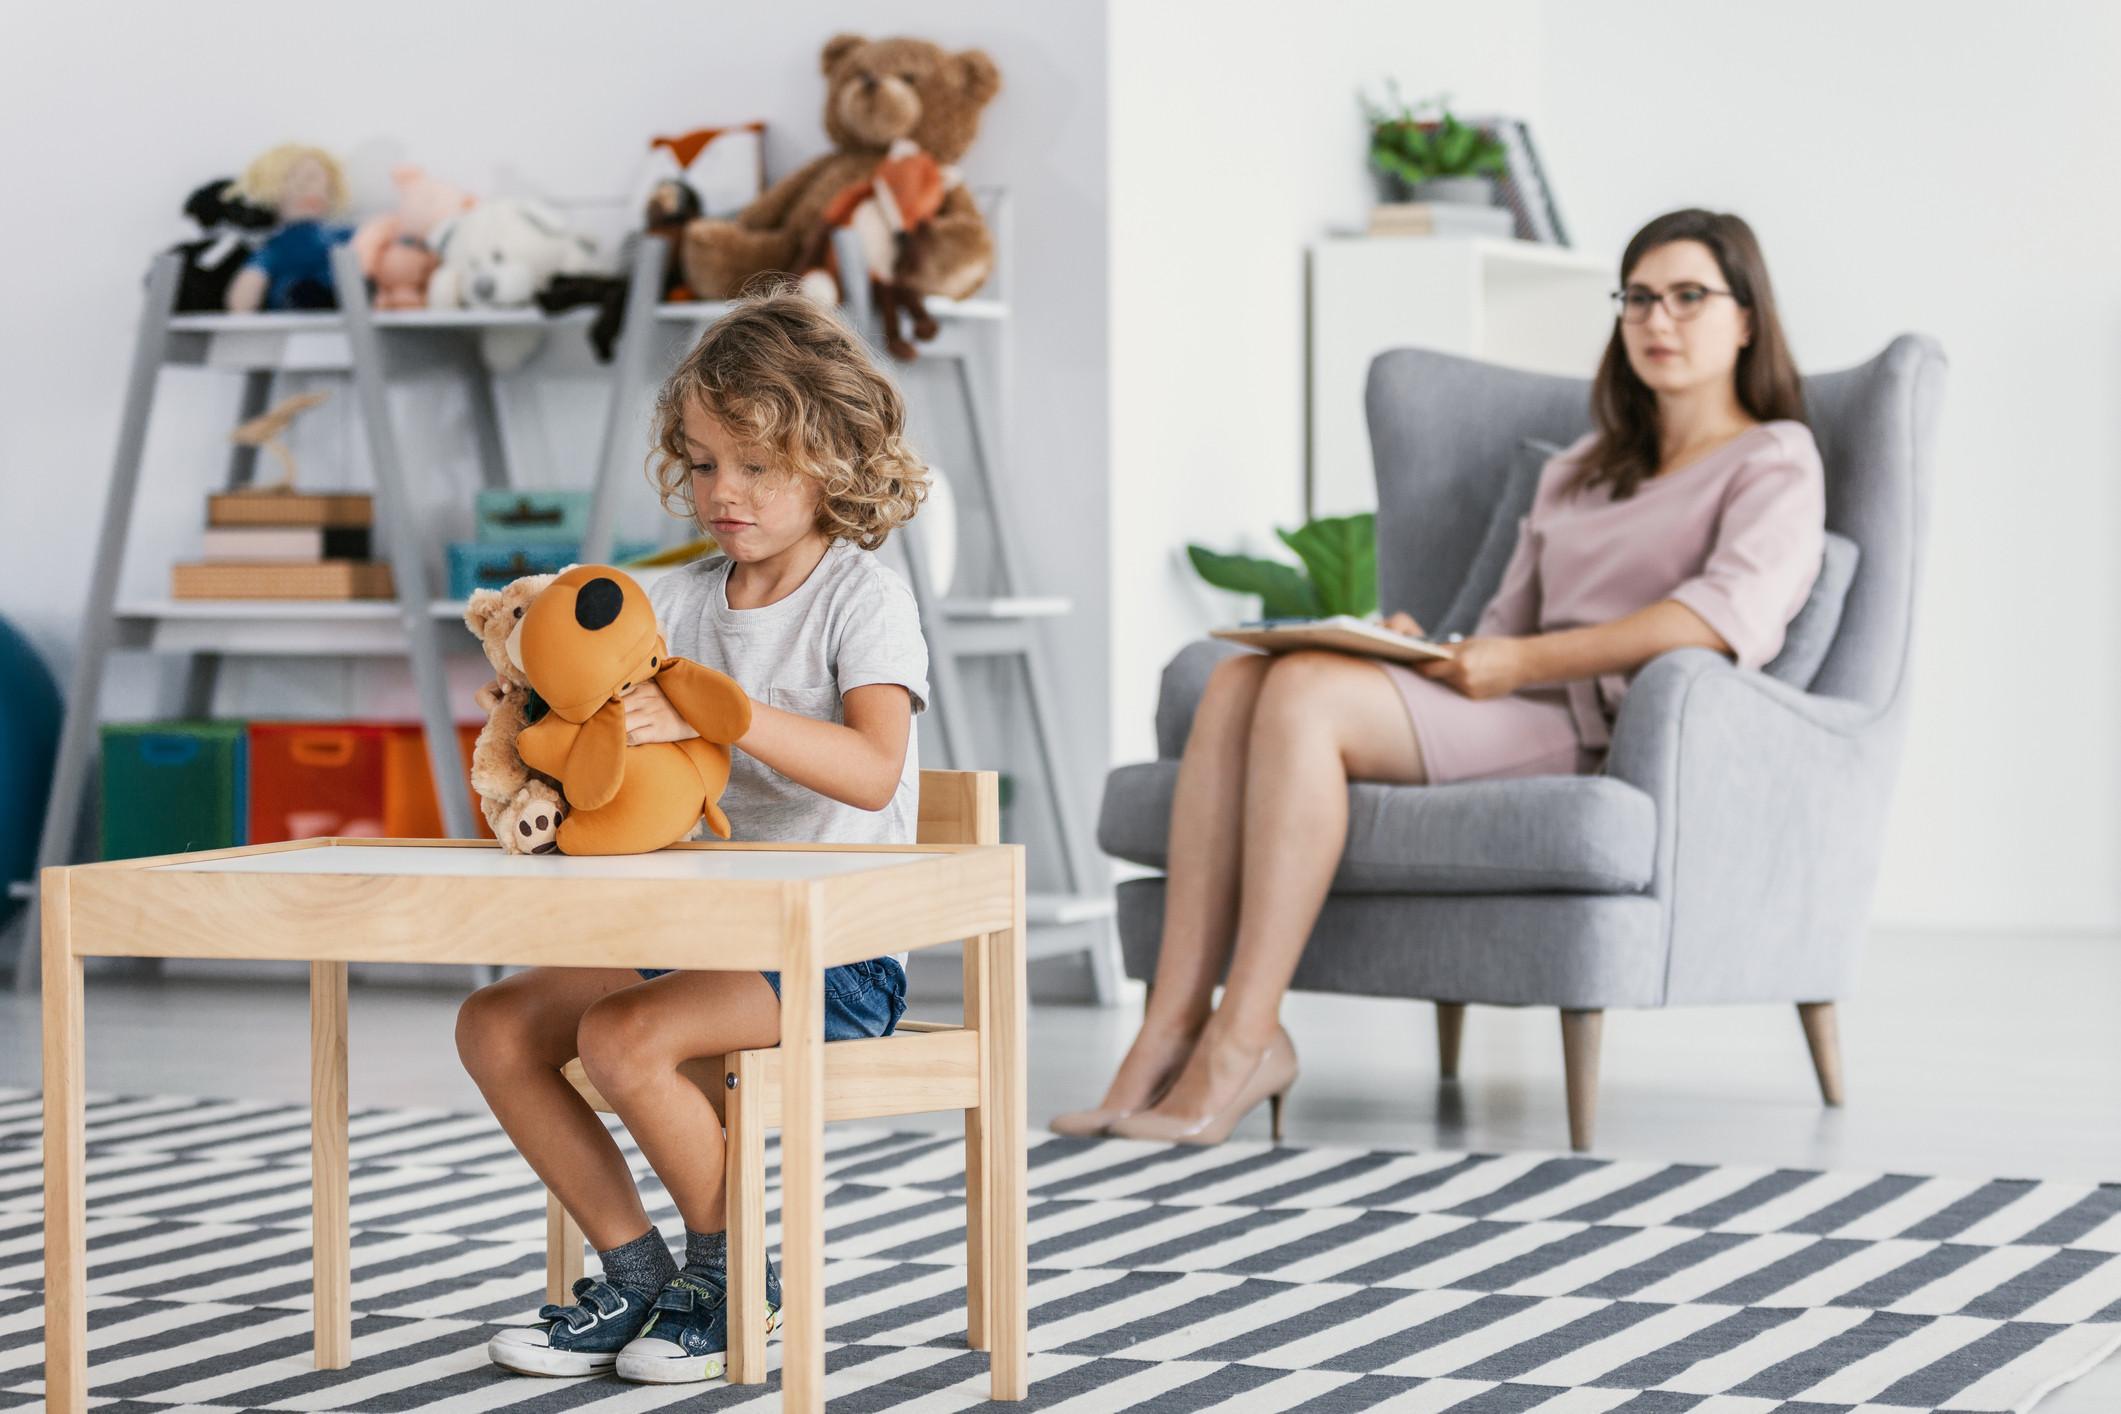 Diagnoza całościowych zaburzeń rozwojowych pod postacią autyzmu lub Zespołu Aspergera